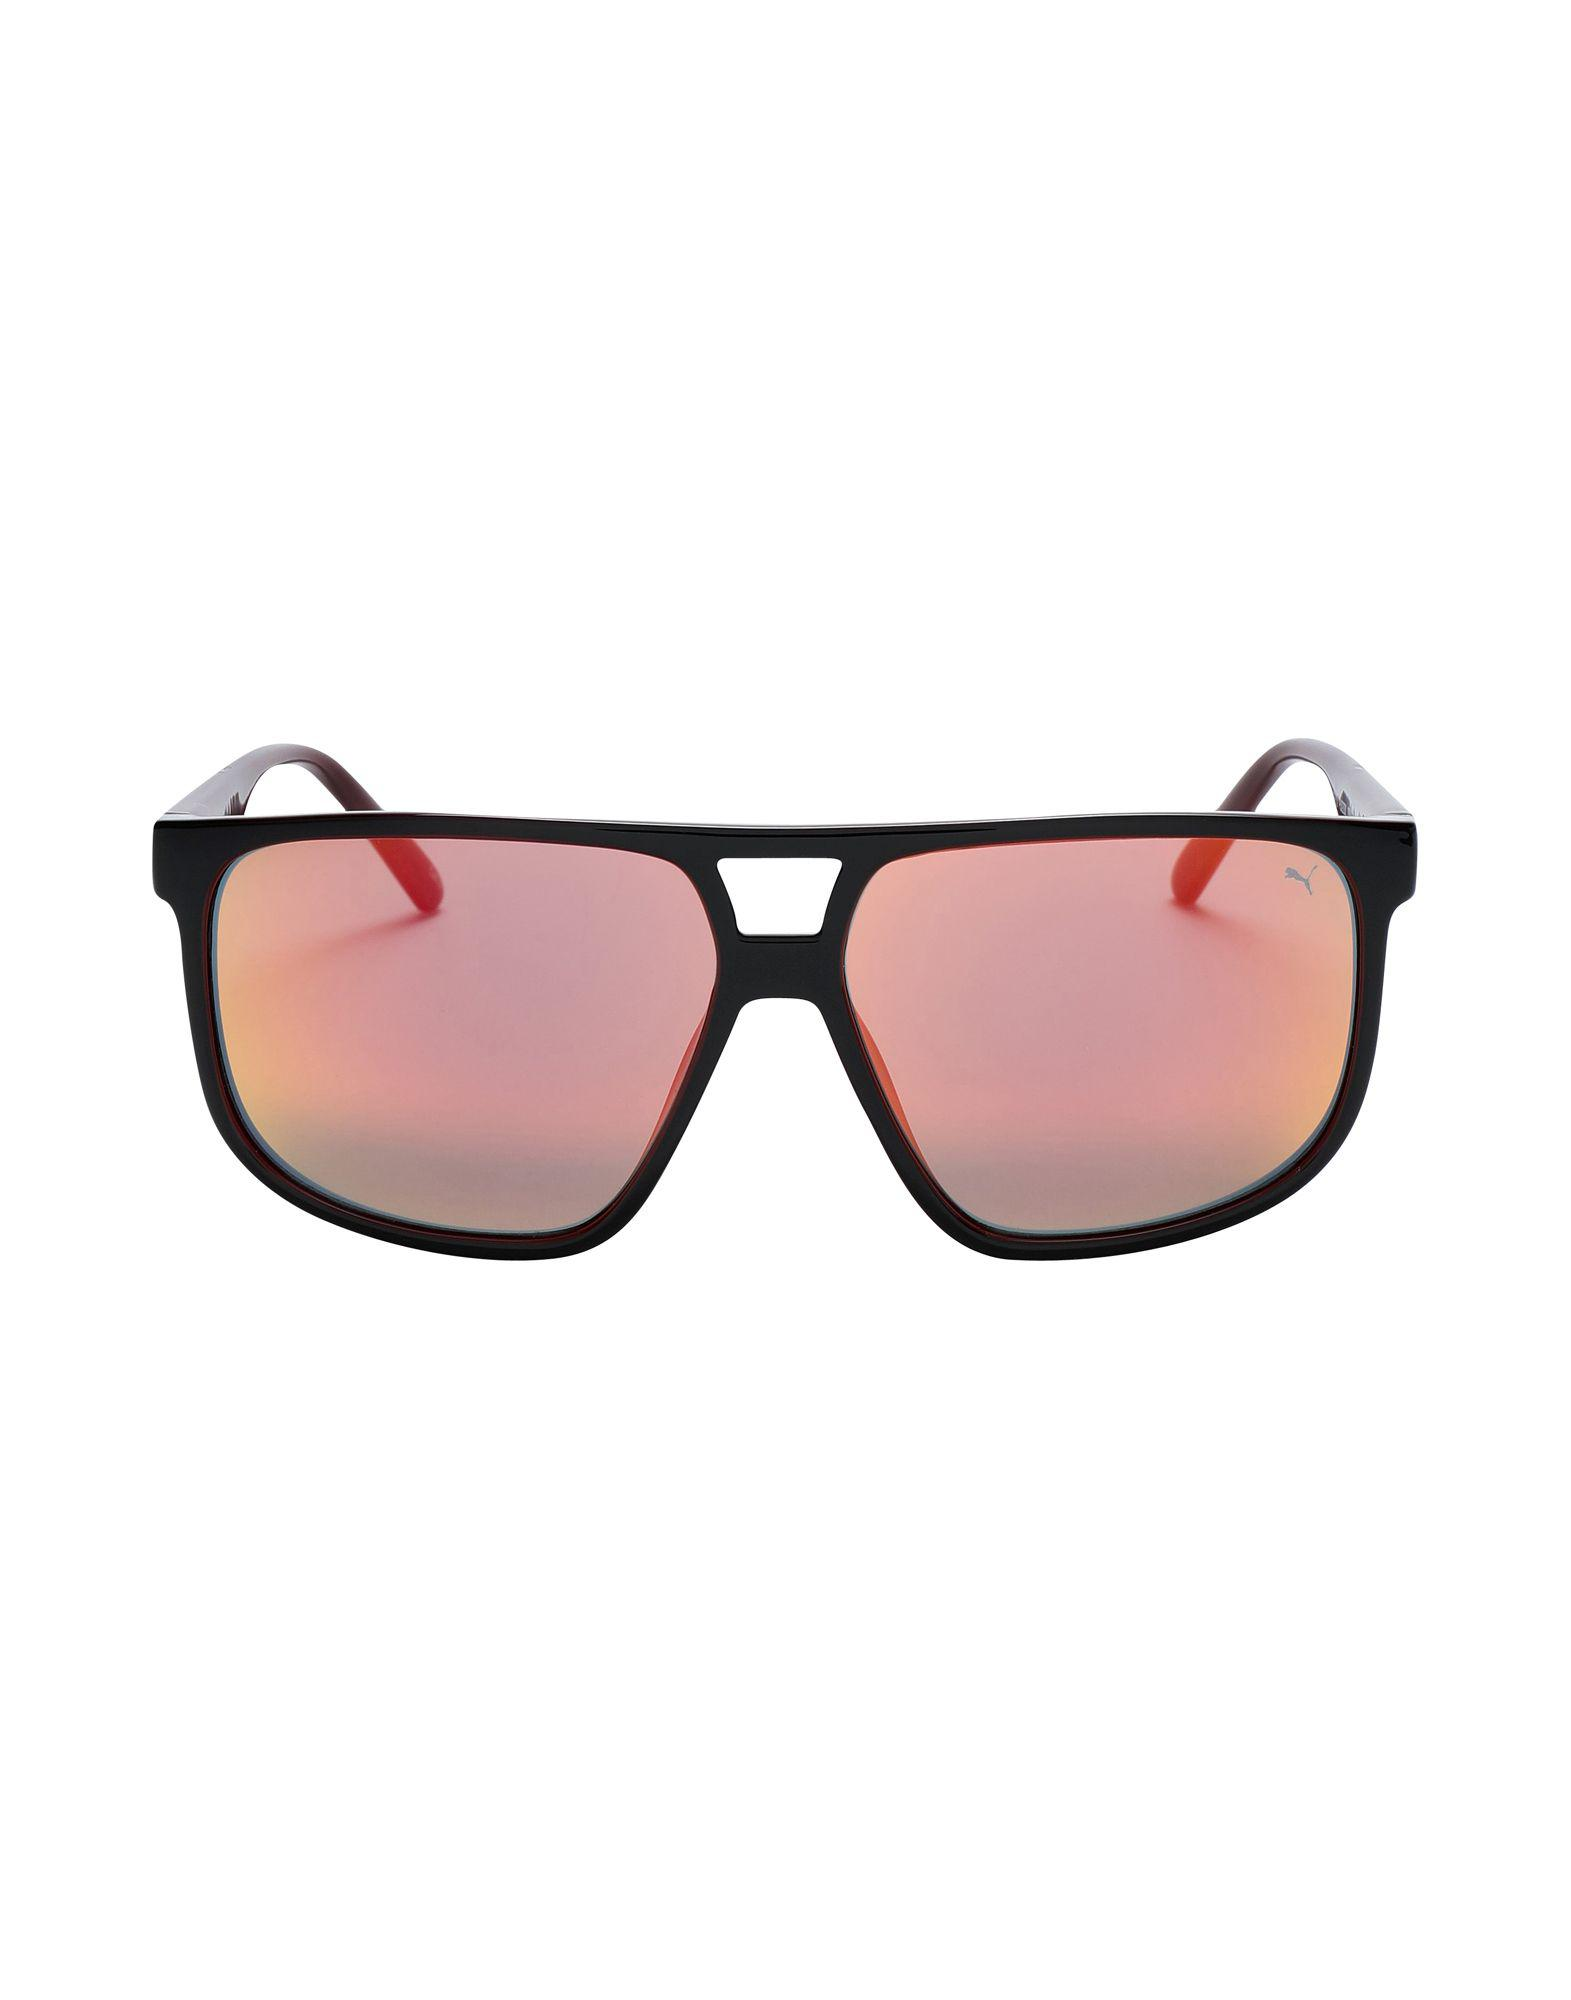 Lyst - Lunettes de soleil Puma pour homme en coloris Noir a563eac7cb3e